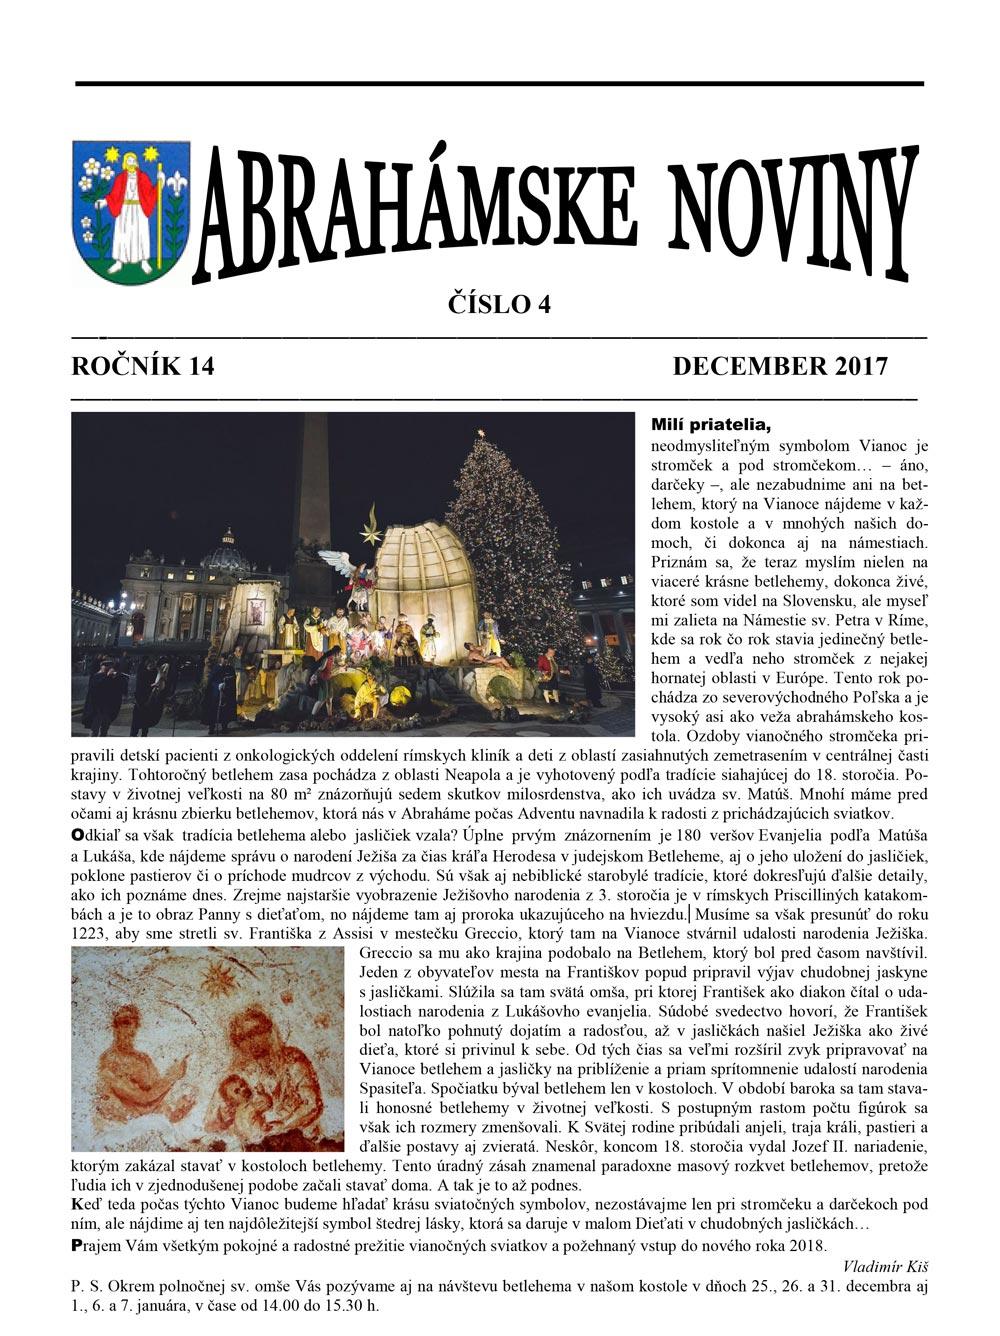 Abrahámske noviny december 2017